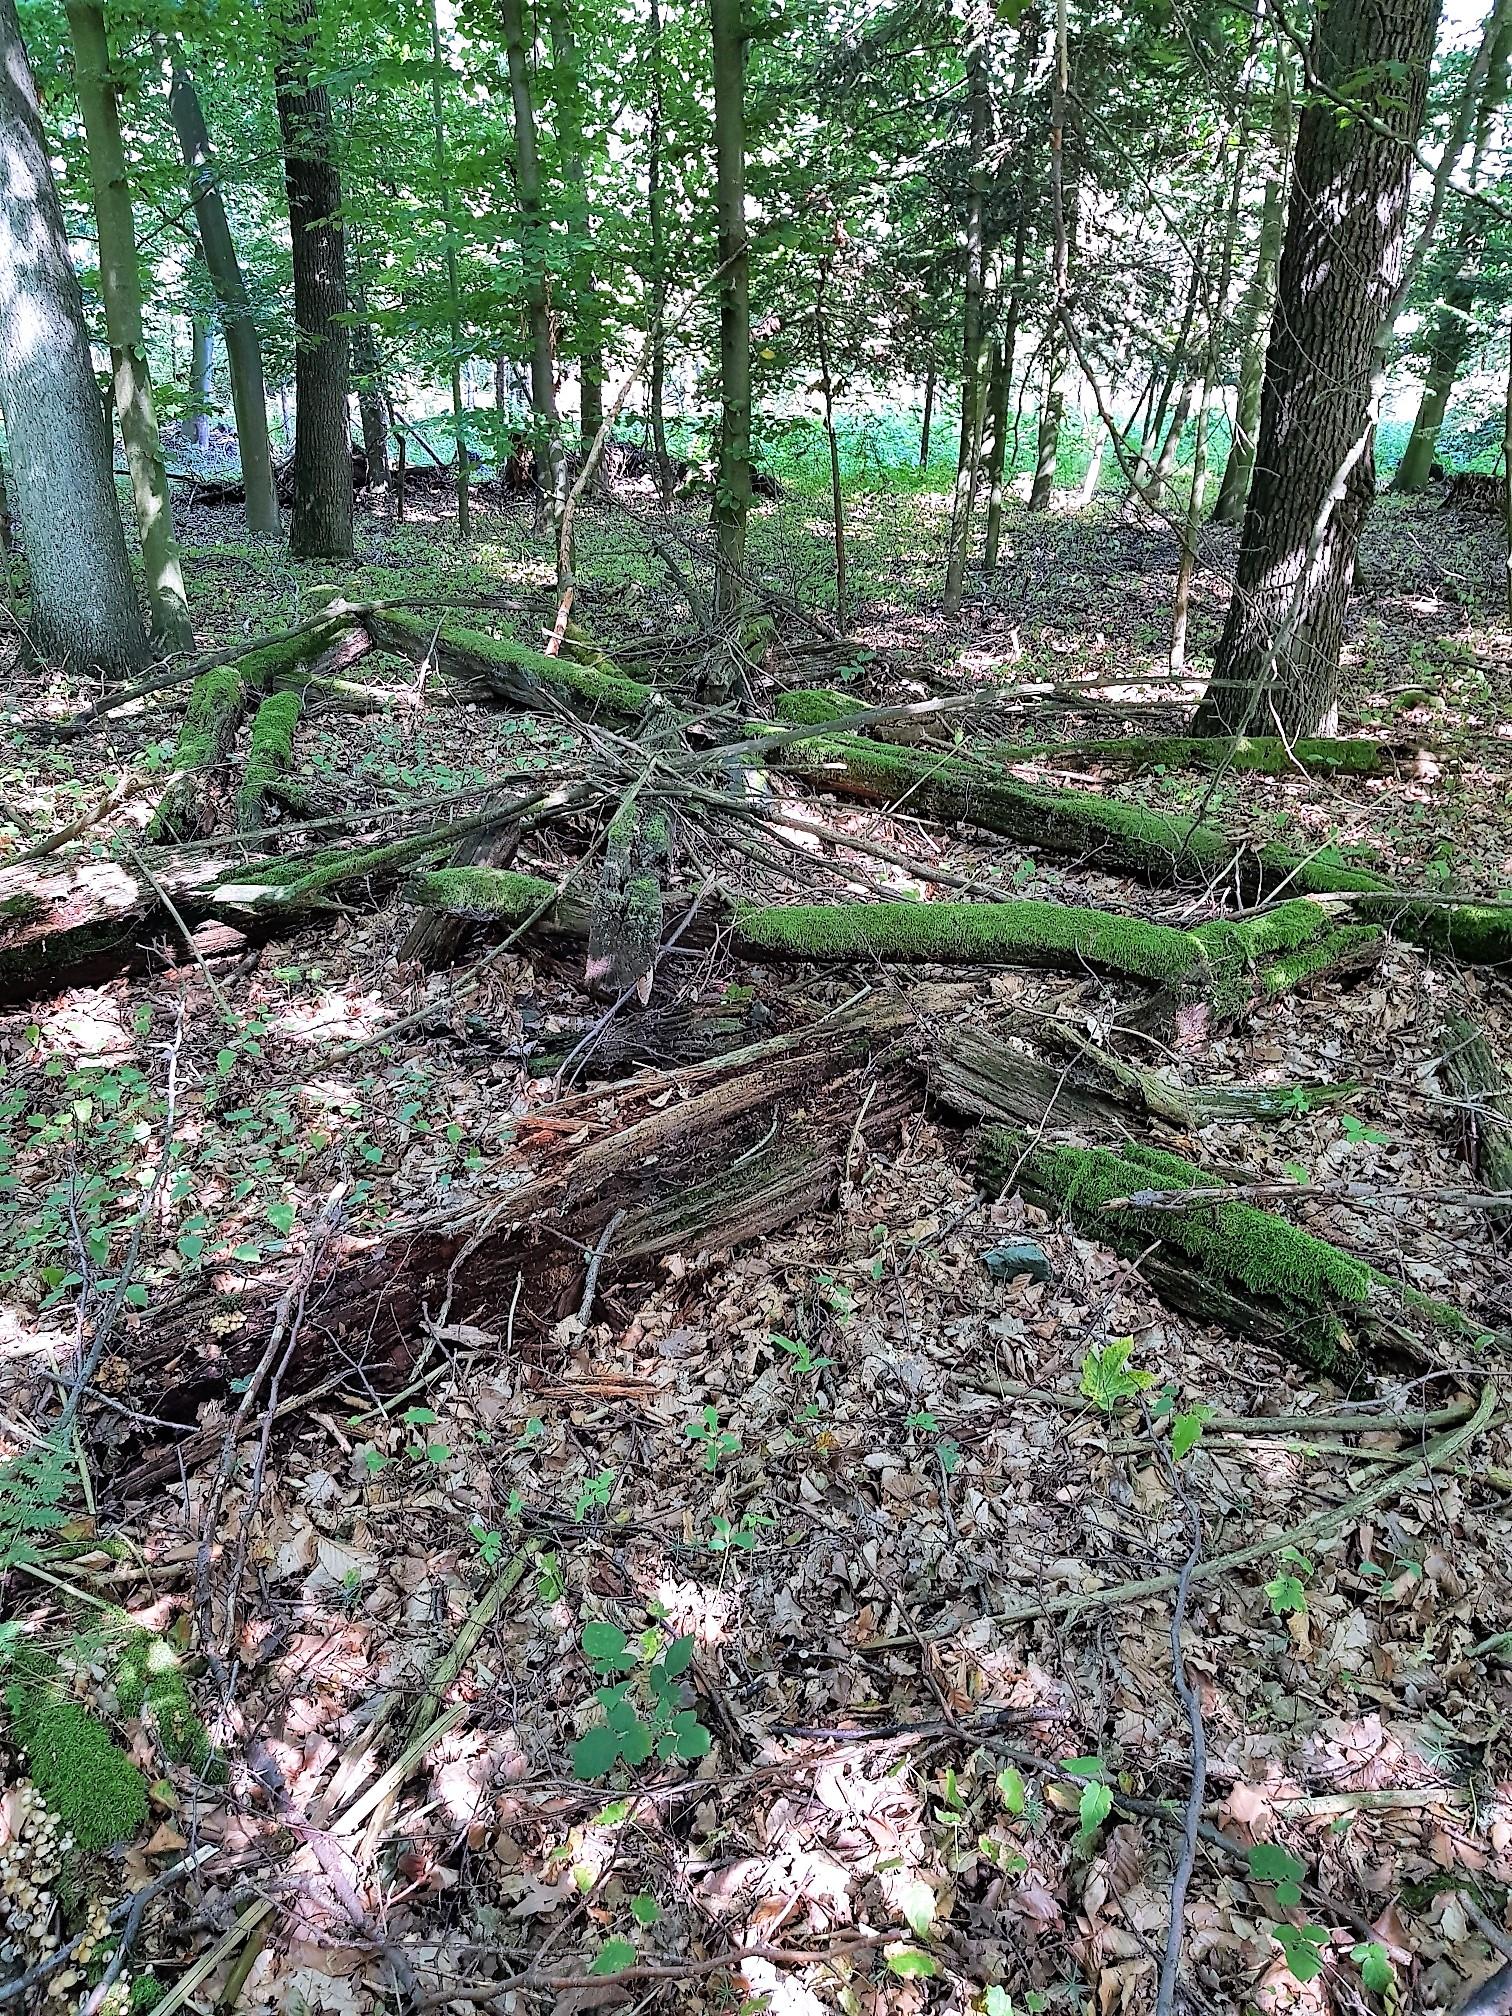 zbytky starého dřevěného zámeckého altánku v oboře